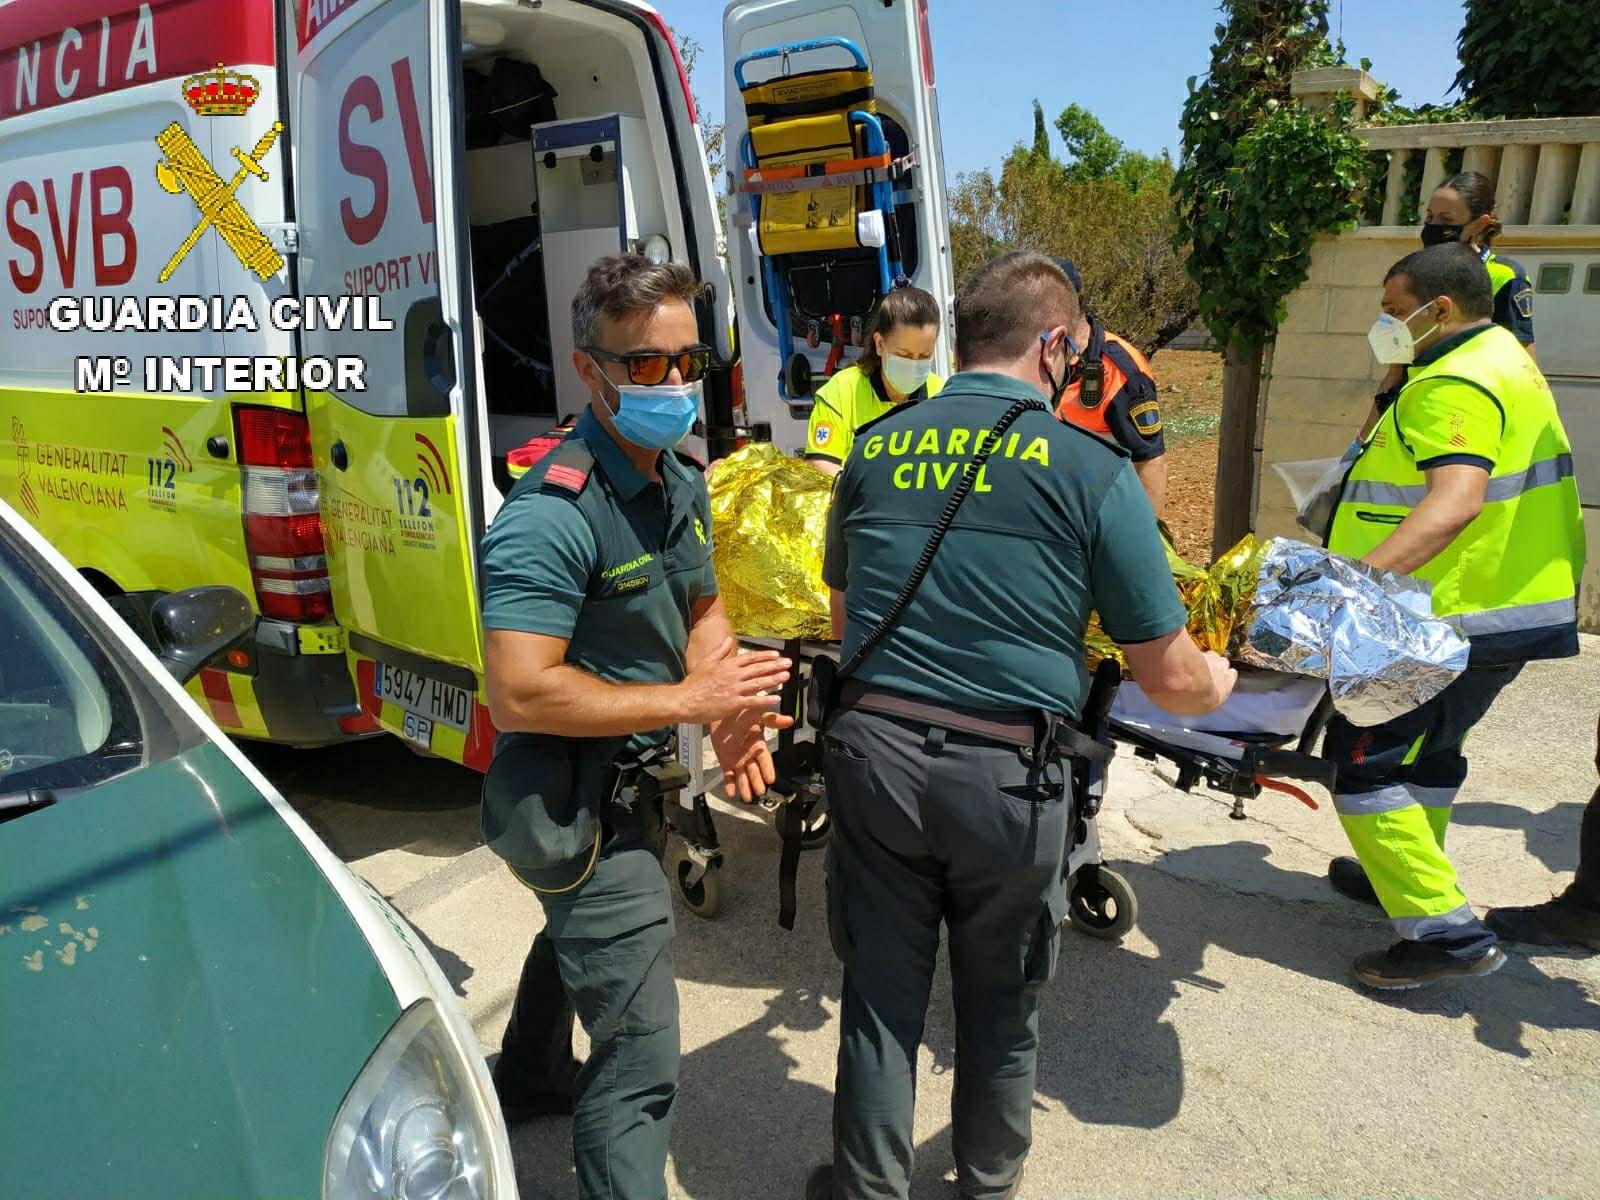 La Guardia Civil traslada en ambulancia al octogeniario